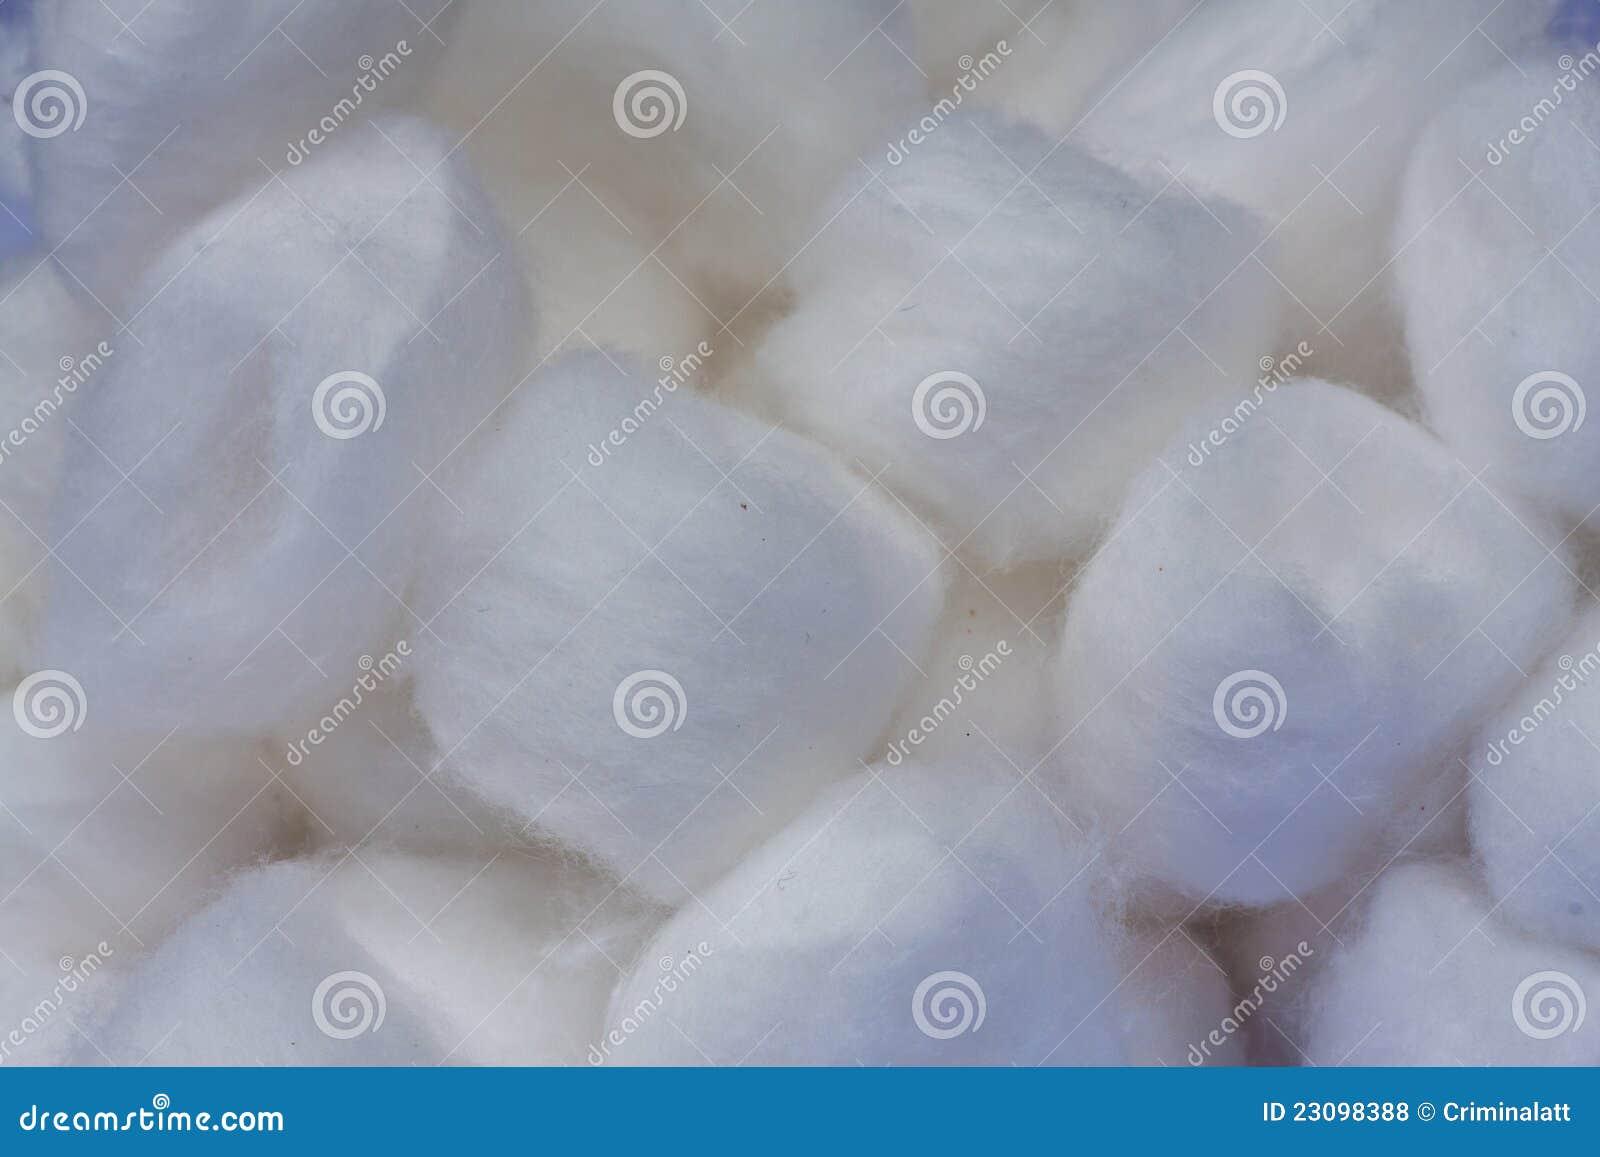 white cotton ball texture